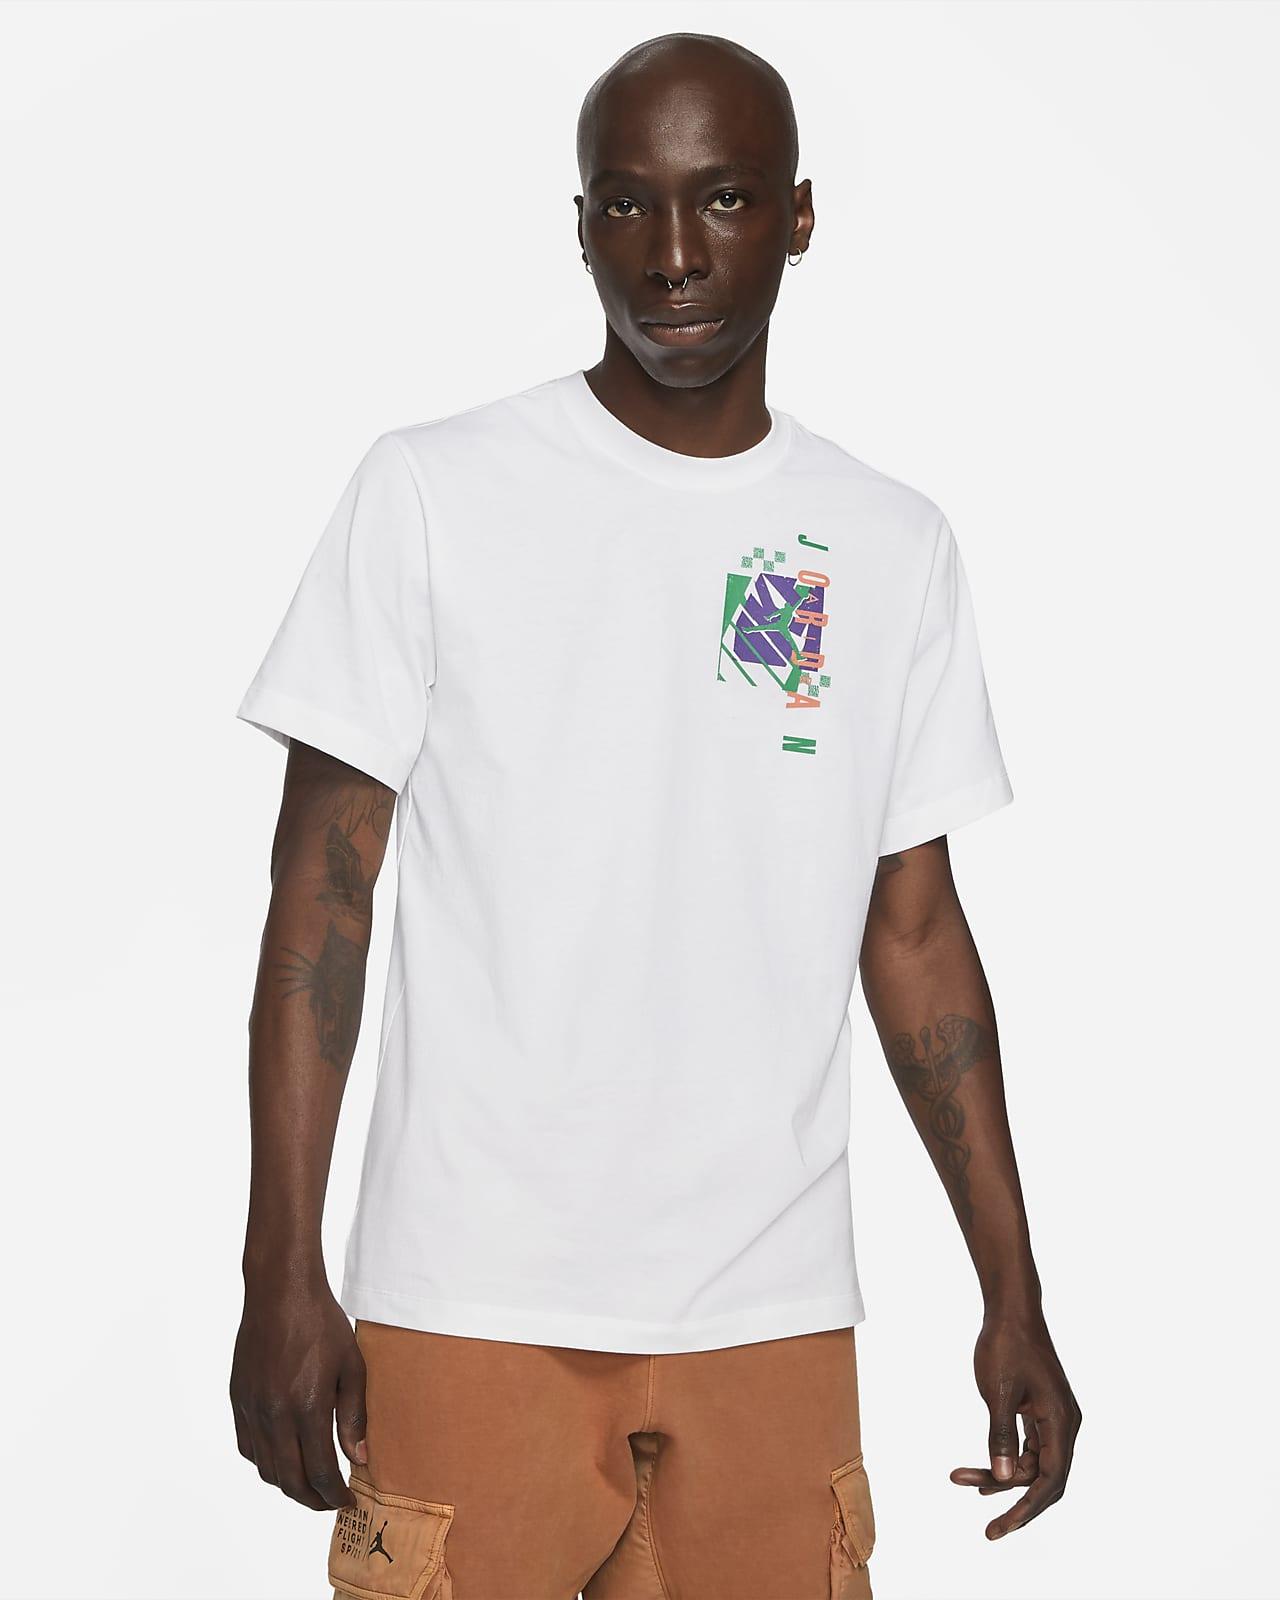 เสื้อยืดแขนสั้นผู้ชาย Jordan Air Futura